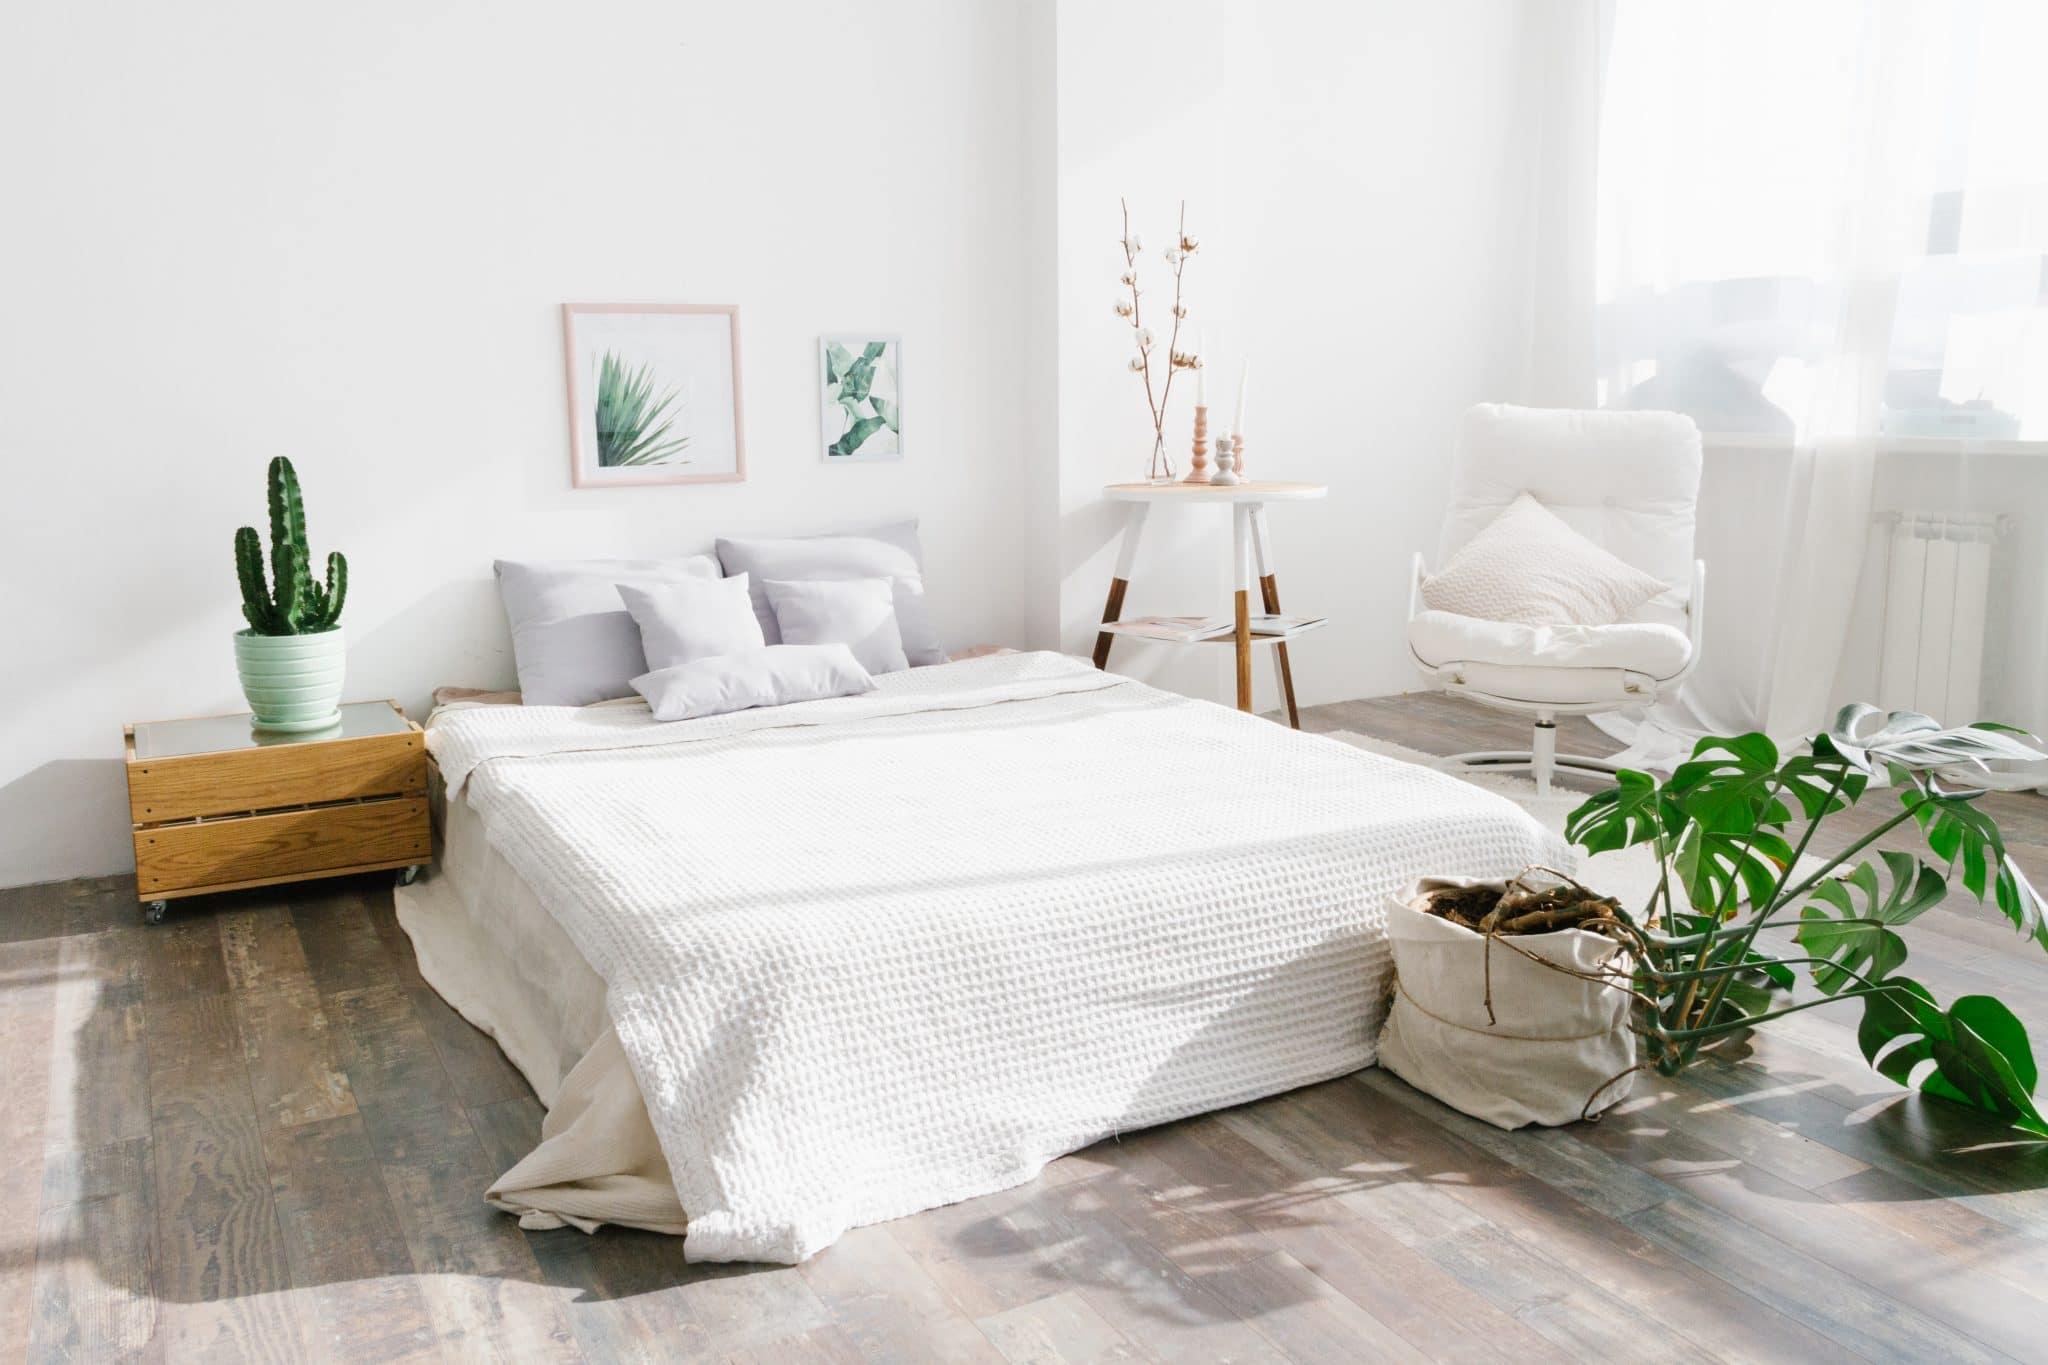 Comment donner un coup de boost à sa chambre à coucher ?